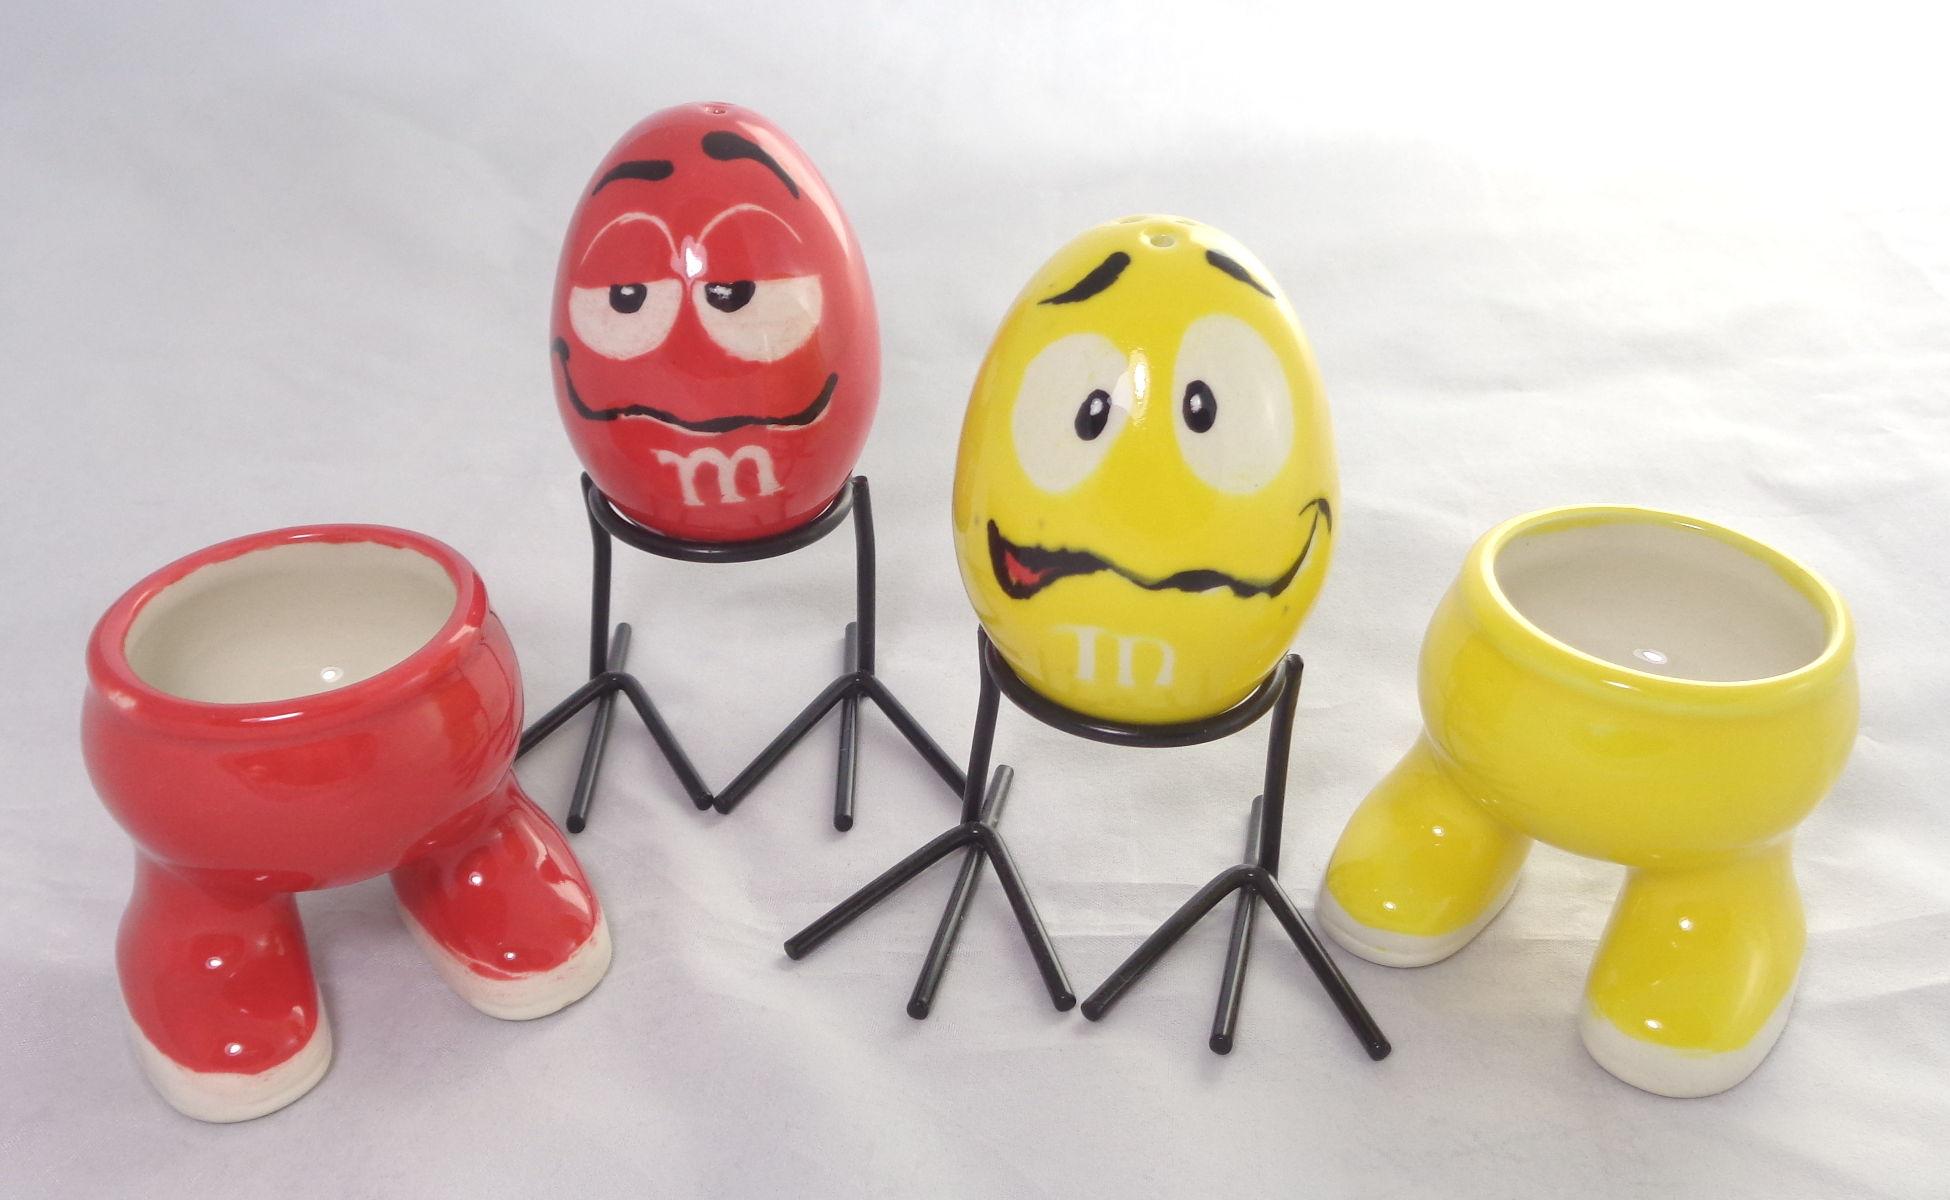 Bemalte Keramik m&ms Frühstücks-Set